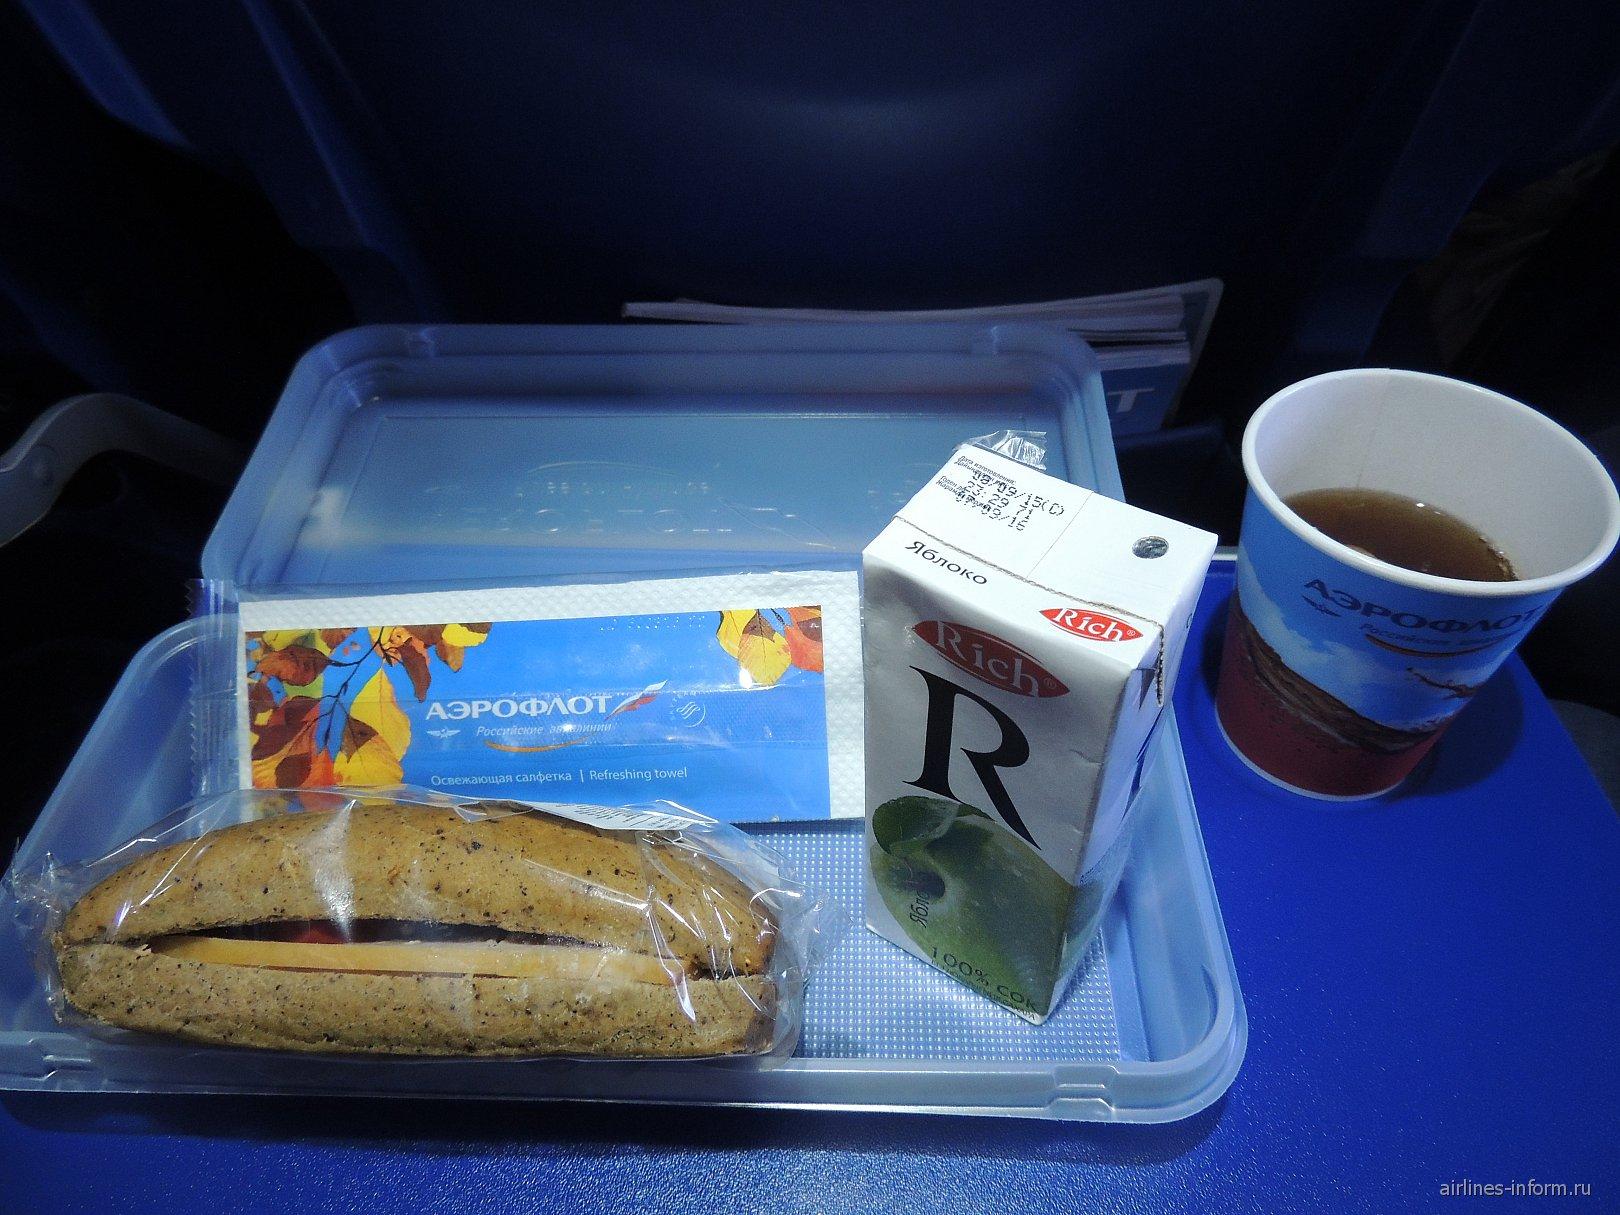 Бортовое питание на рейсе Аэрофлота Мурманск-Москва